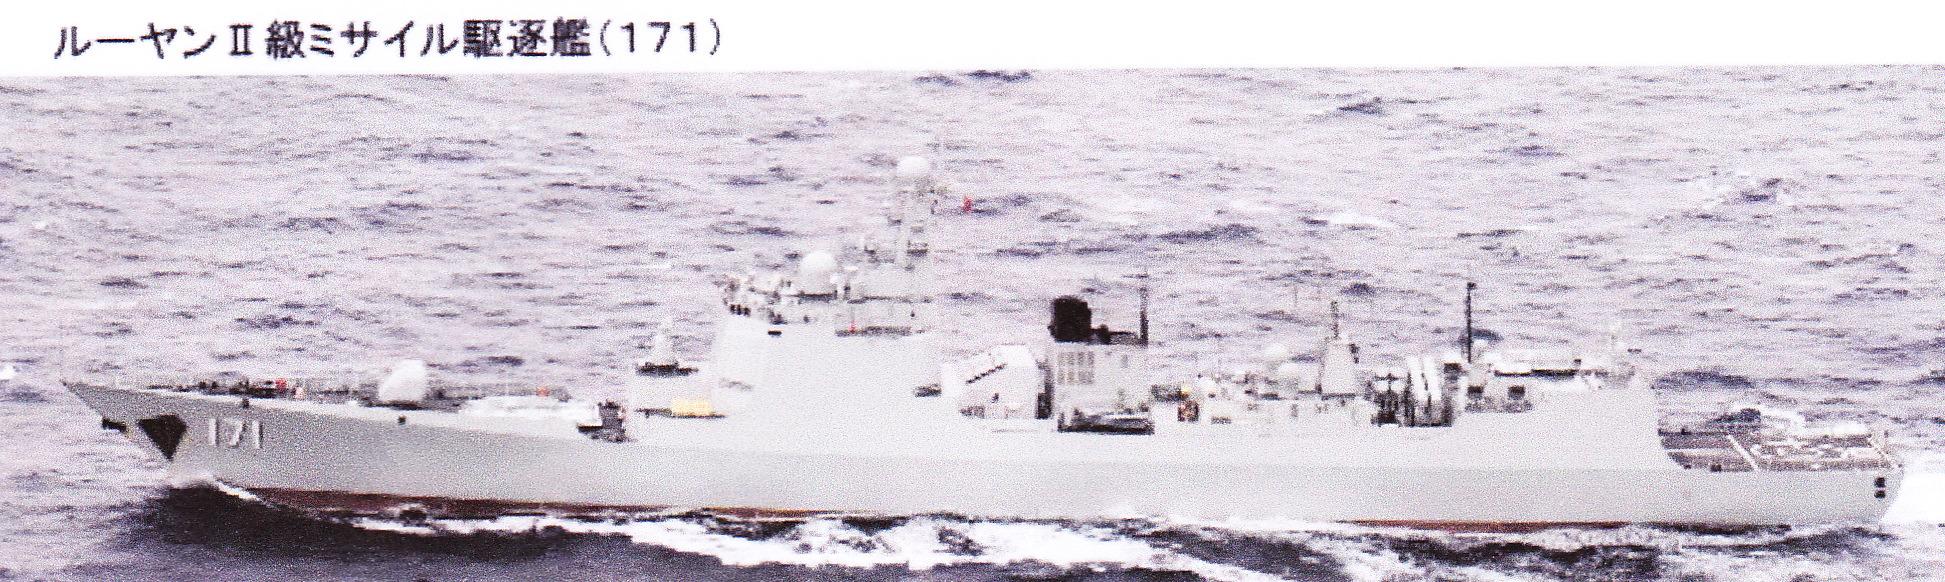 14-02-08中国海軍_0001